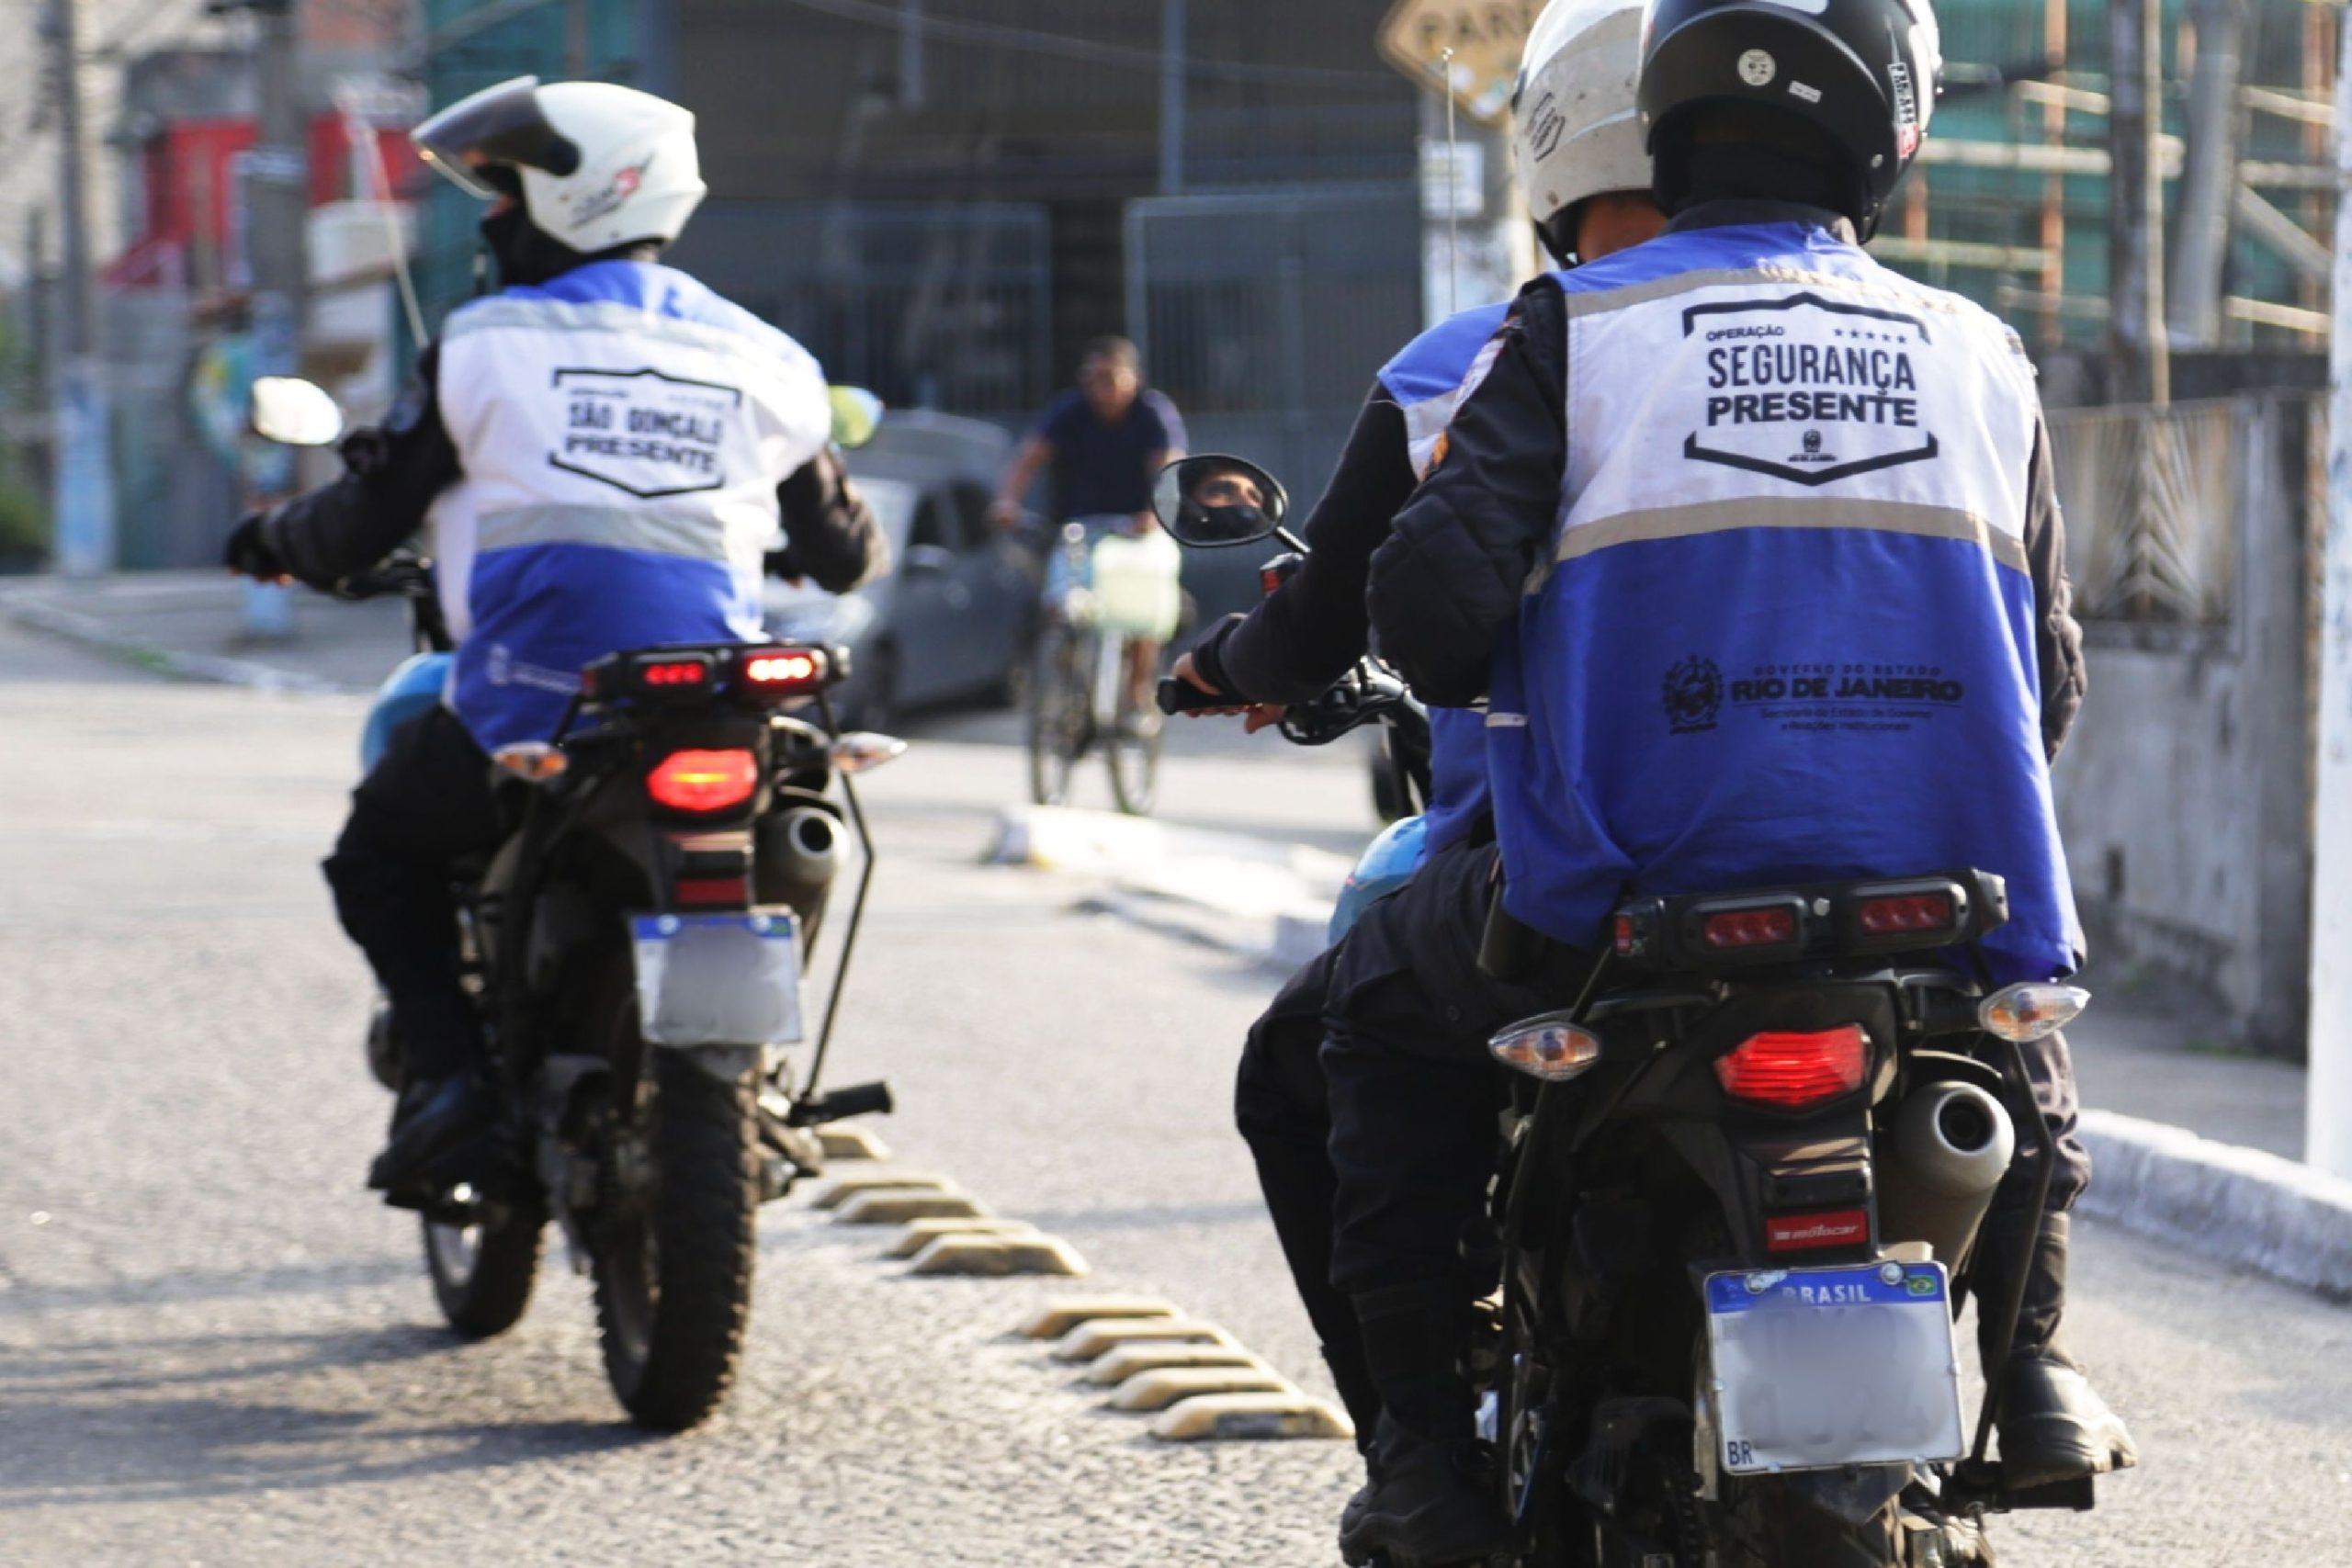 Imagem dos agentes realizando um patrulhamento na rua